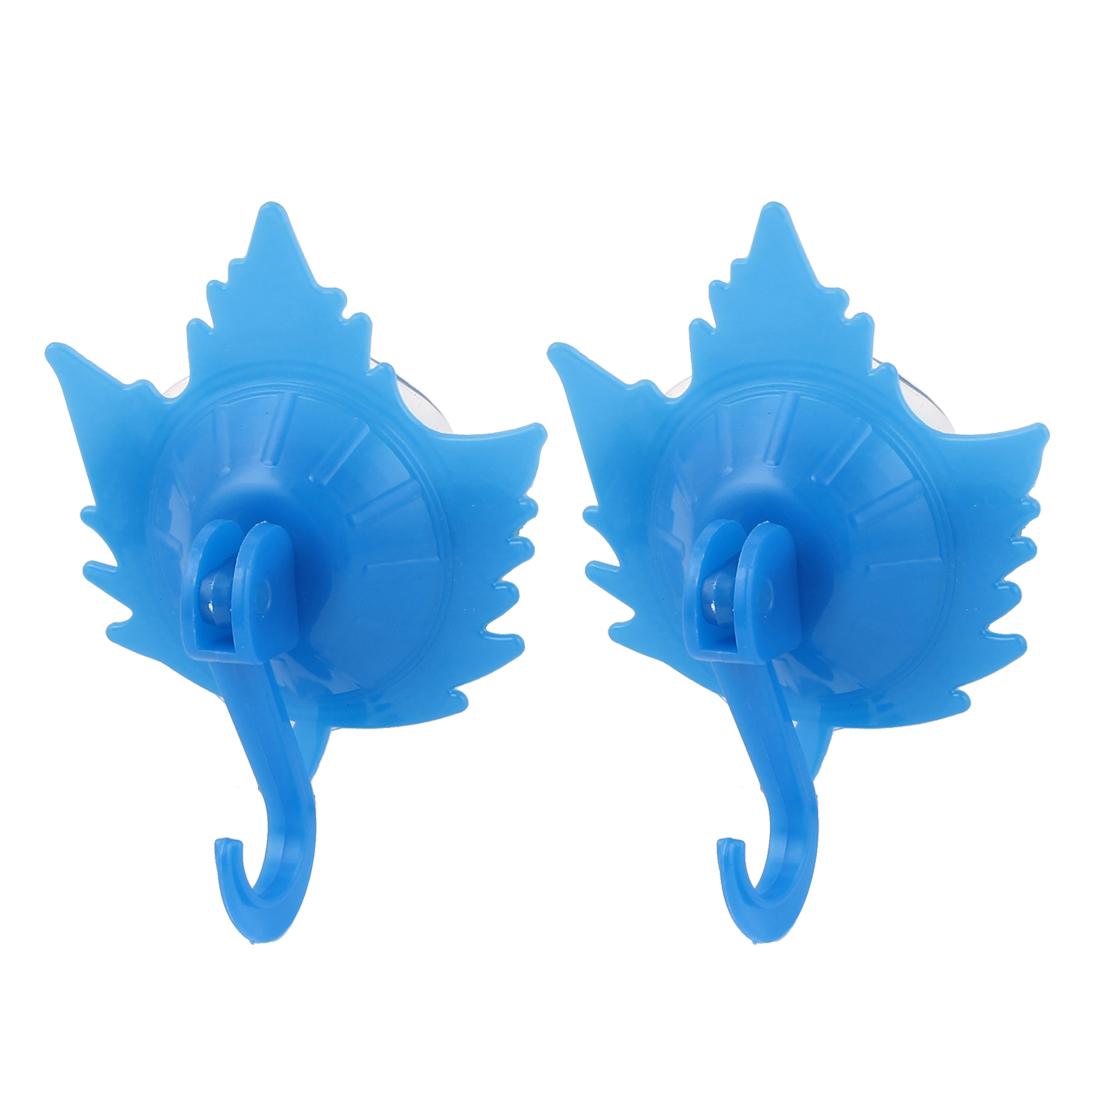 Kitchen Bathroom Plastic Leaf Shape Suction Cup Hook Towel Bag Holder Wall Hanger Blue 2pcs